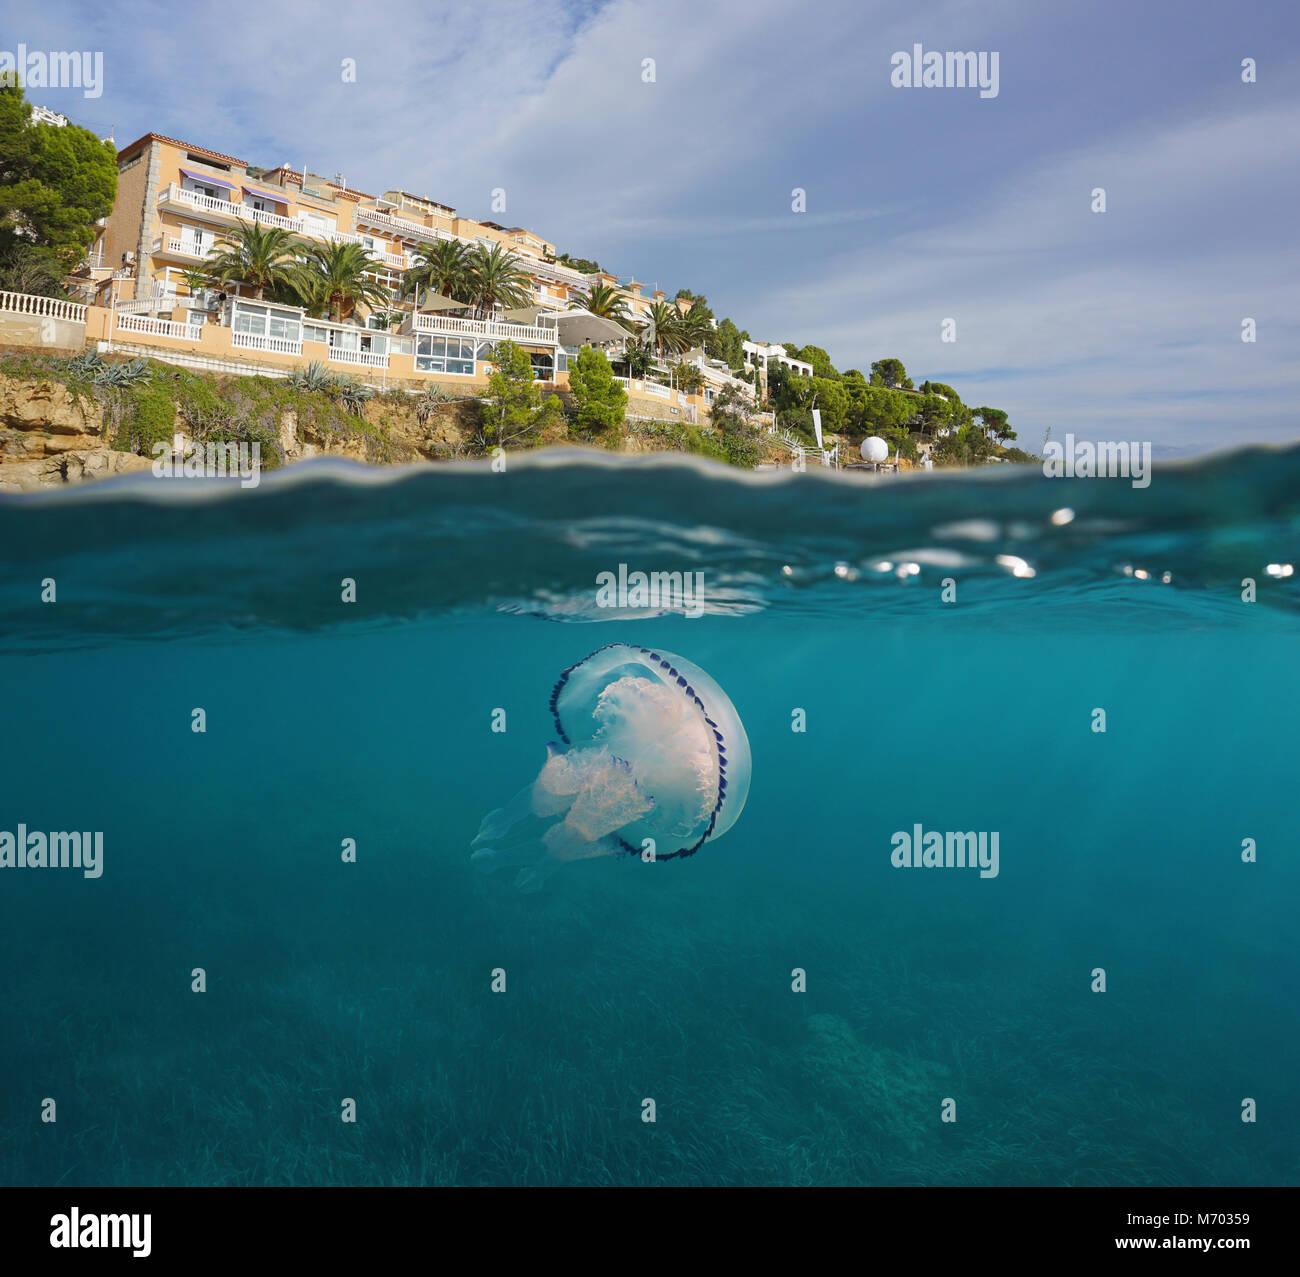 Hôtel sur la côte de la mer Méditerranéenne avec une méduse, fractionnée sous-marine Photo Stock